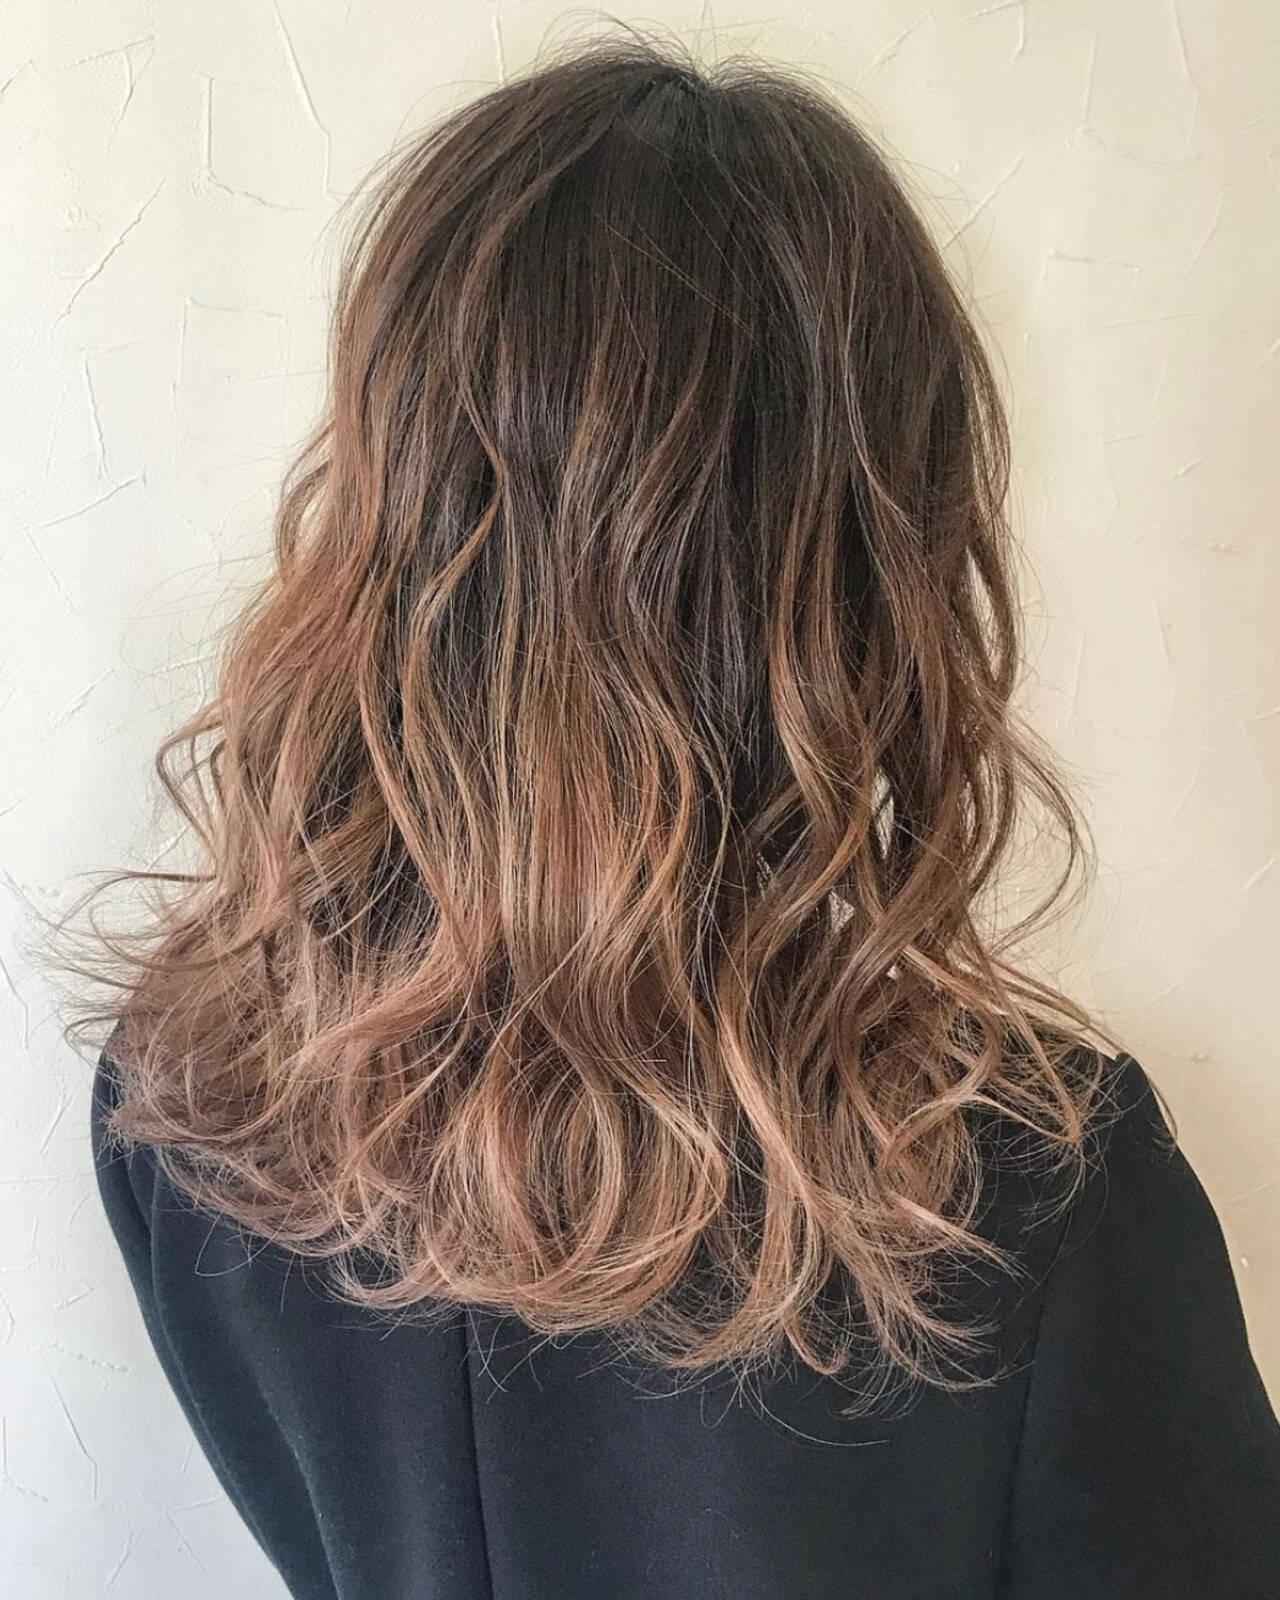 ミディアム ハイライト バレイヤージュ グラデーションカラーヘアスタイルや髪型の写真・画像